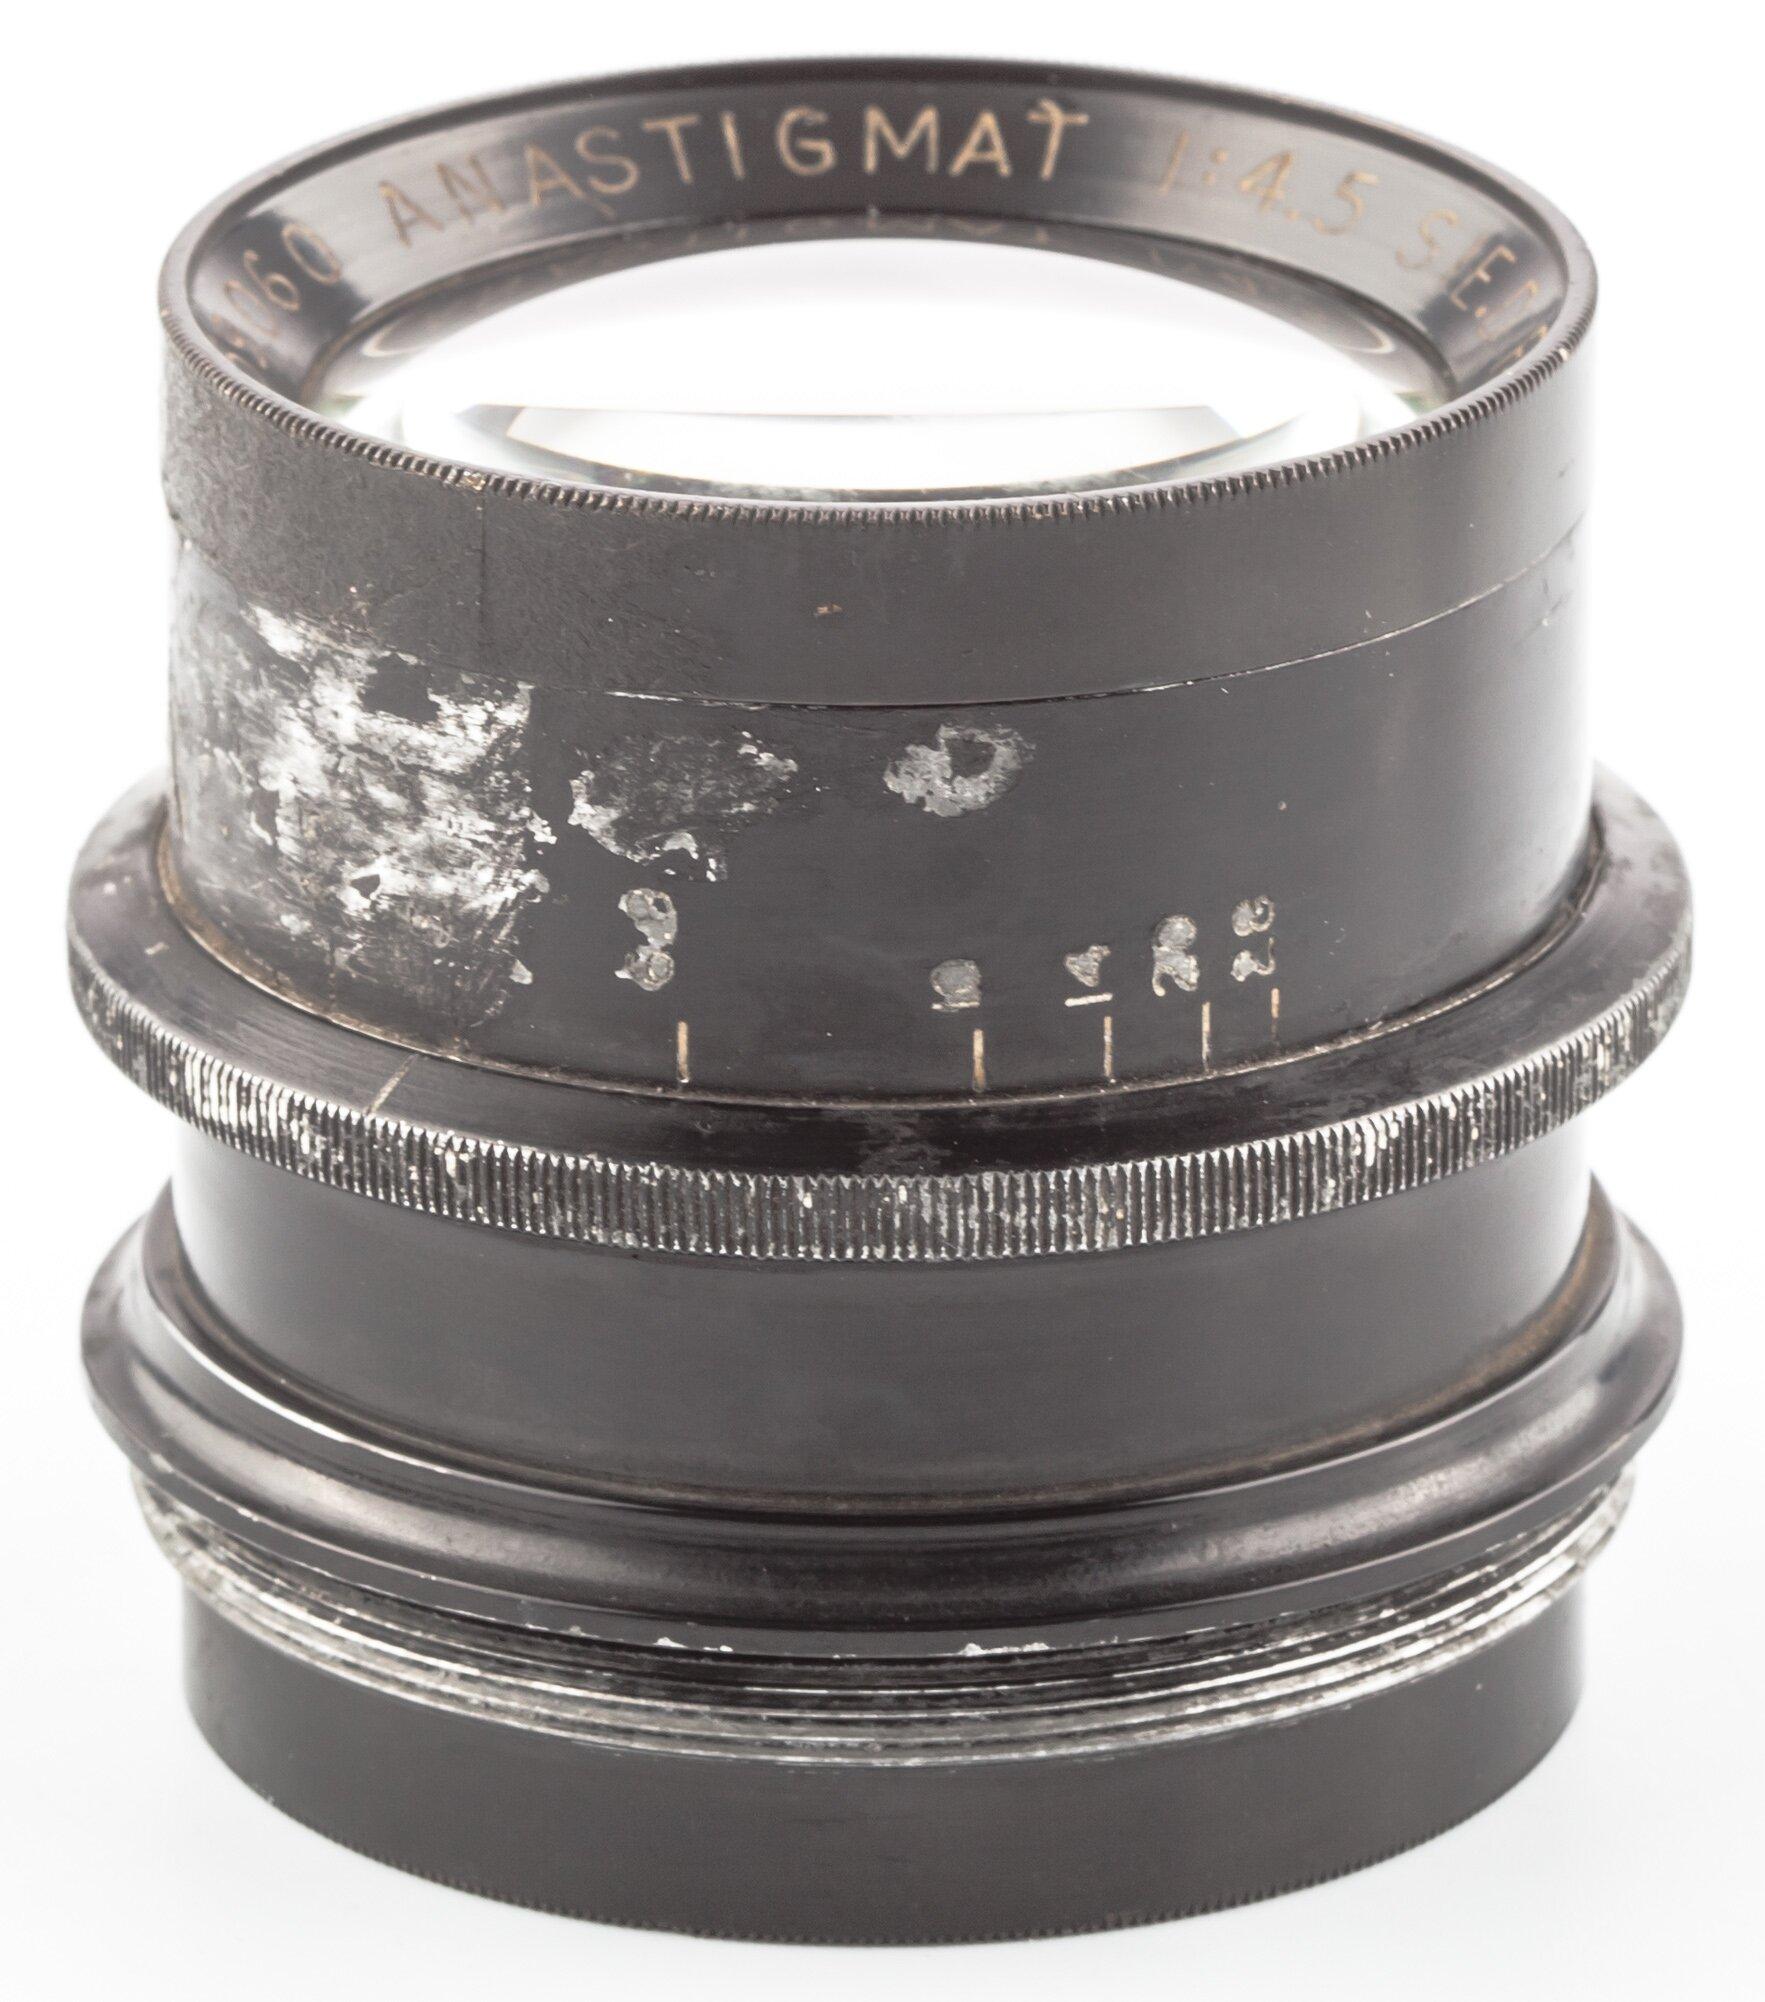 Hermagis Paris Anastigmat 210mm 4,5 Serie D